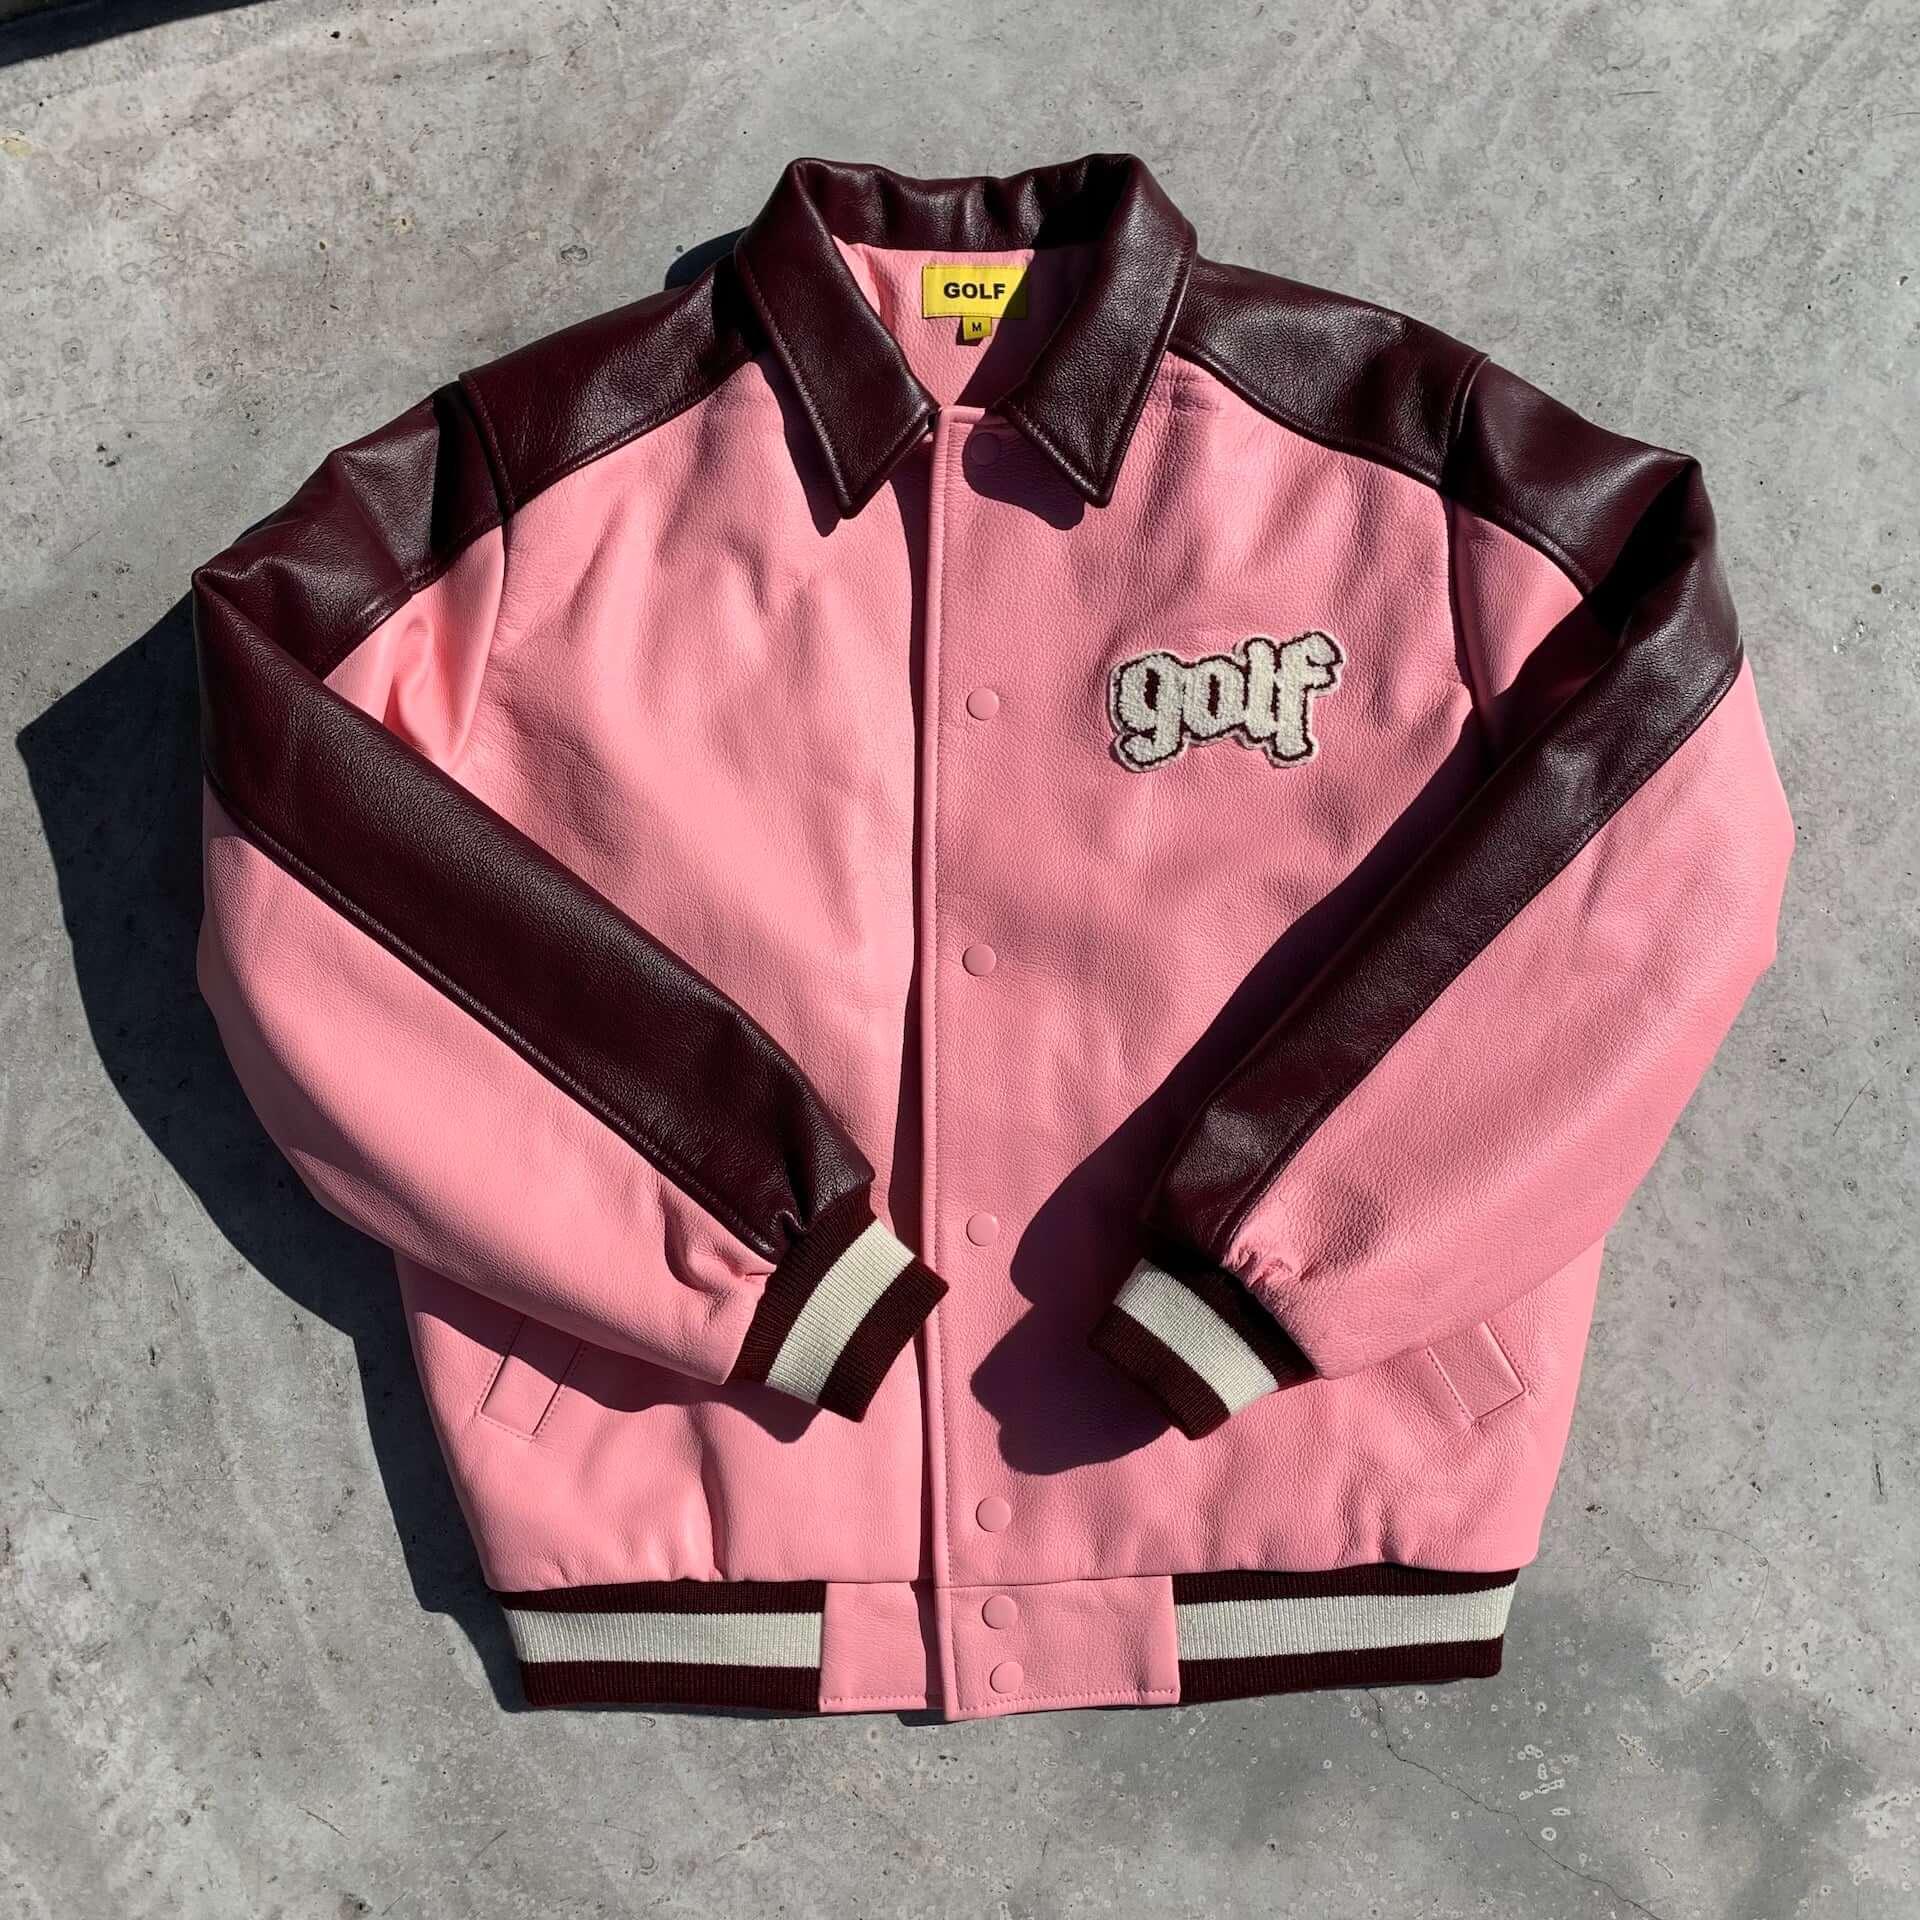 タイラー・ザ・クリエイターが手掛けるブランド・GOLF WANGがOriens JOURNAL STANDARDにて販売開始!レザーブルゾンやデニムジャケットなど展開 lf210215_golf-wang_8-1920x1920